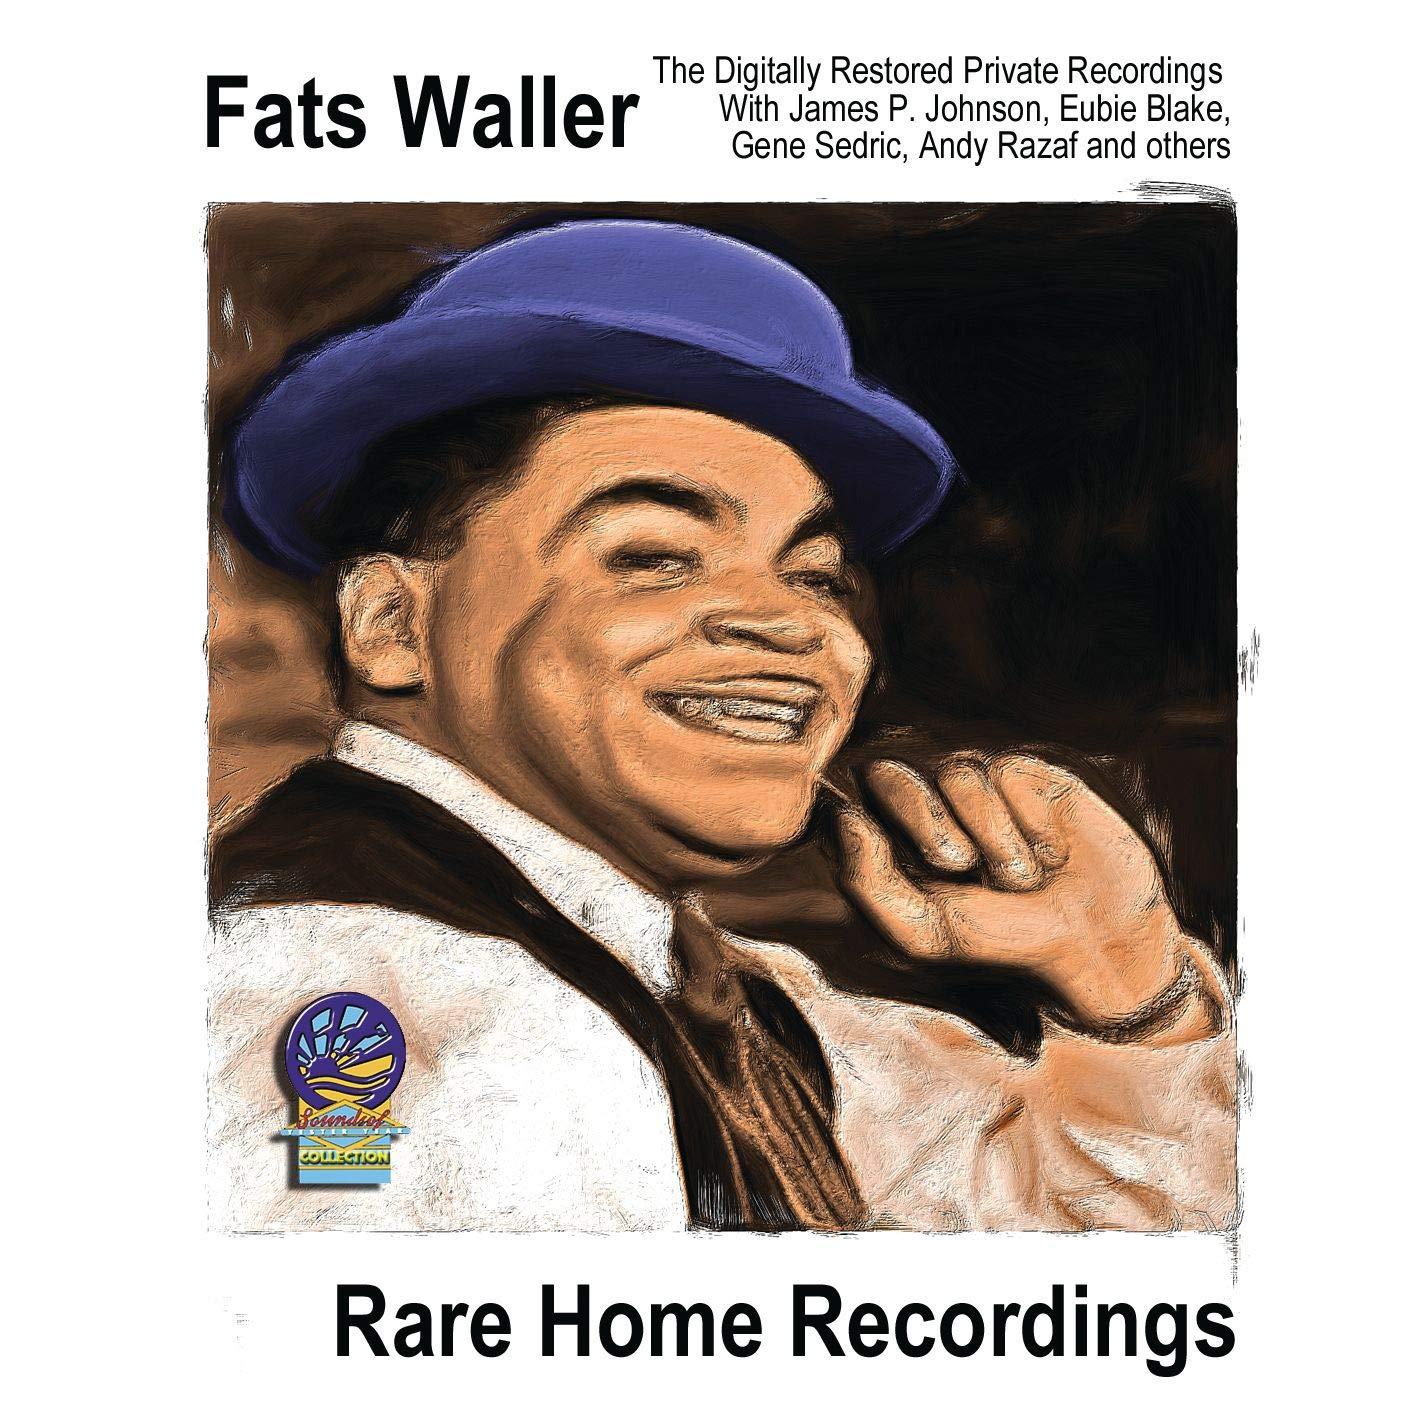 FATS WALLER - Rare Home Recordings cover